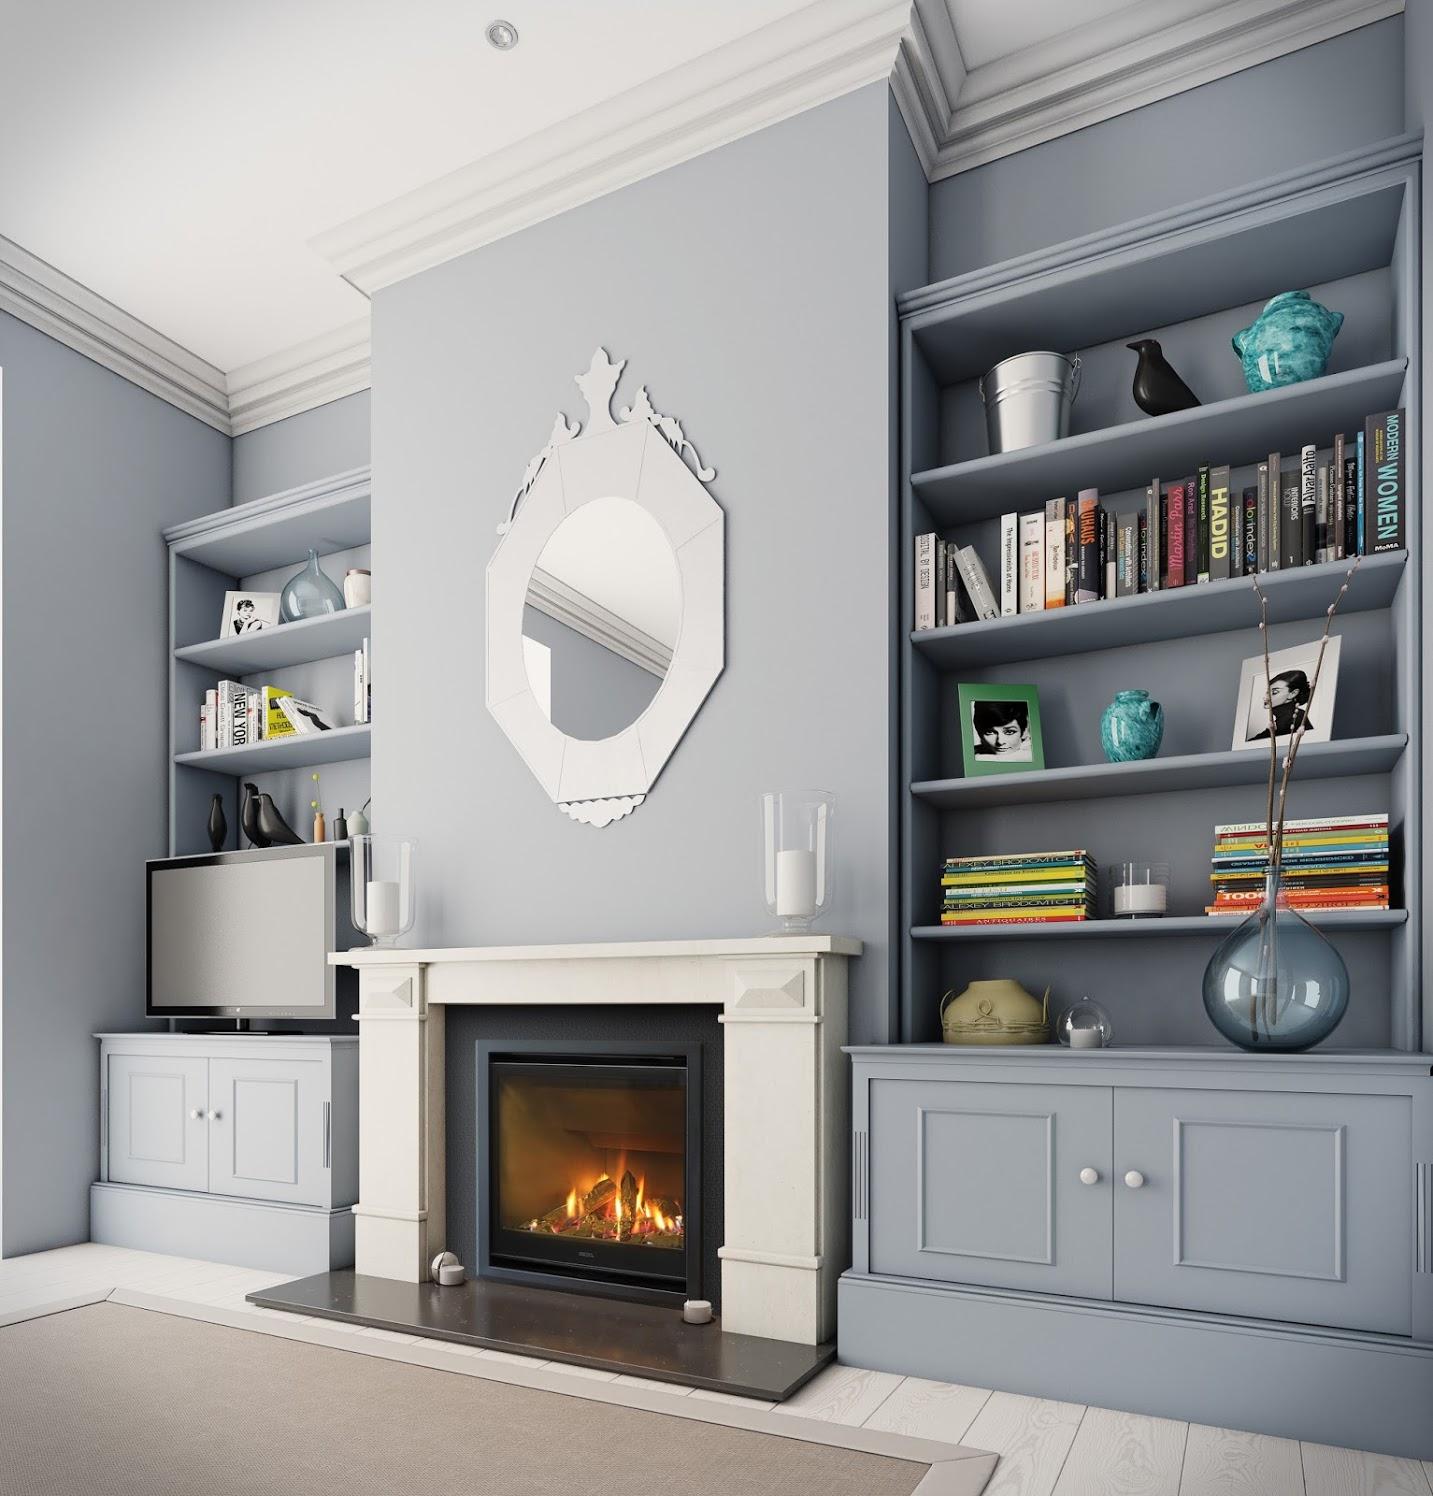 Escea AF700 gas fireplace 1